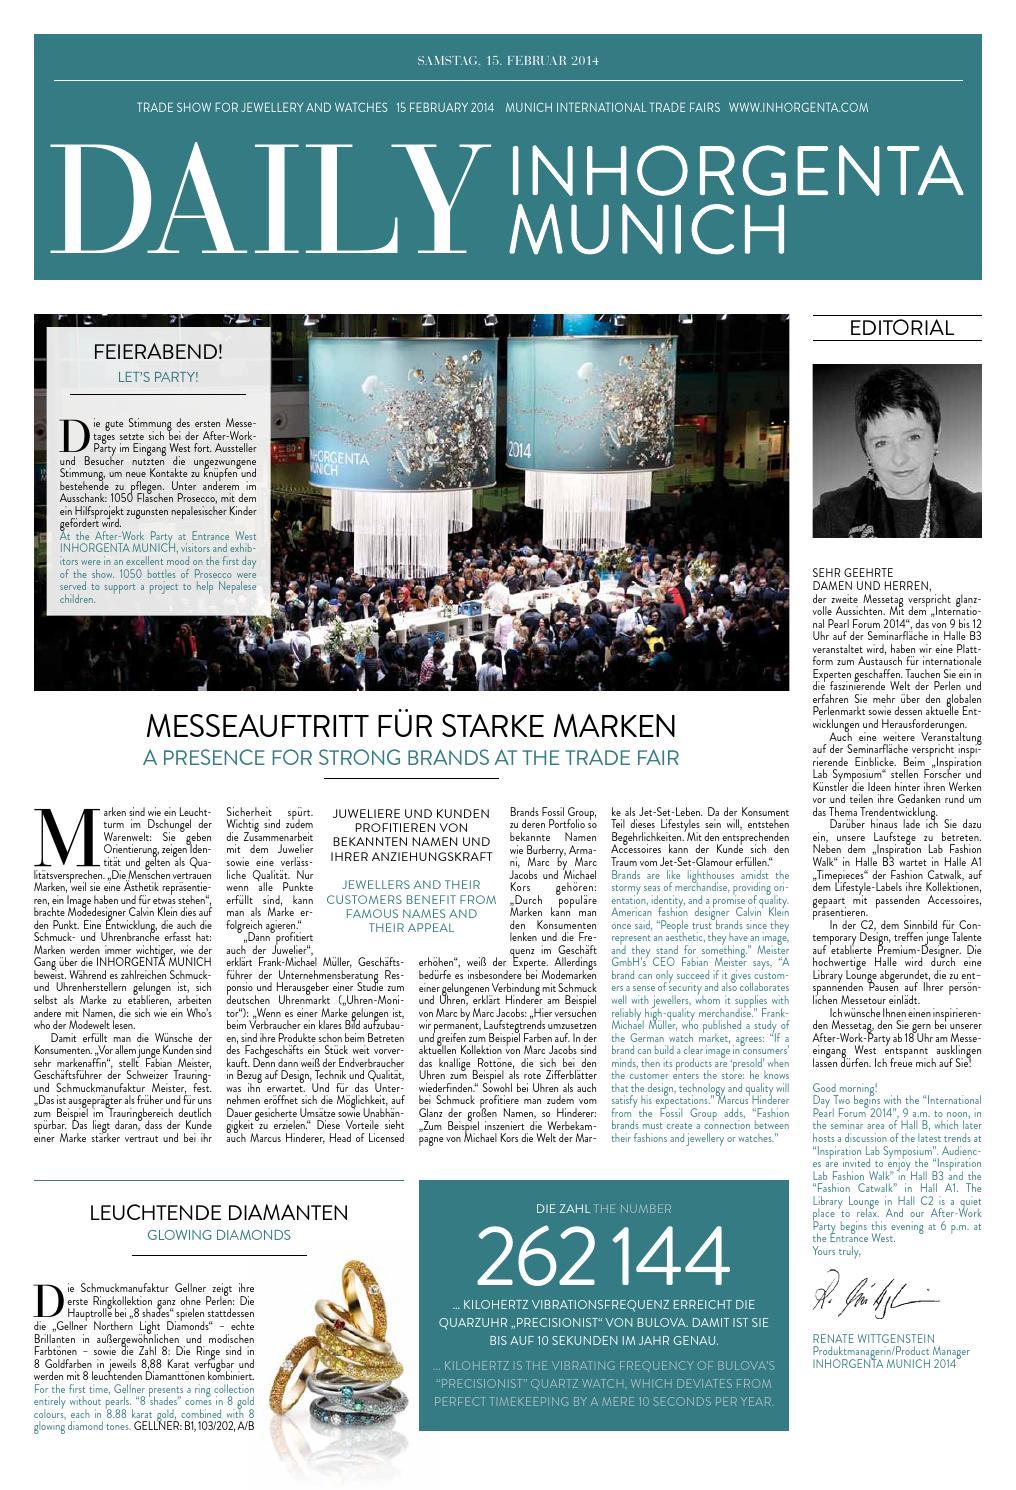 Messe 2014 Issuu samstag Muenchen Inhorgenta By uKc5lJTF13